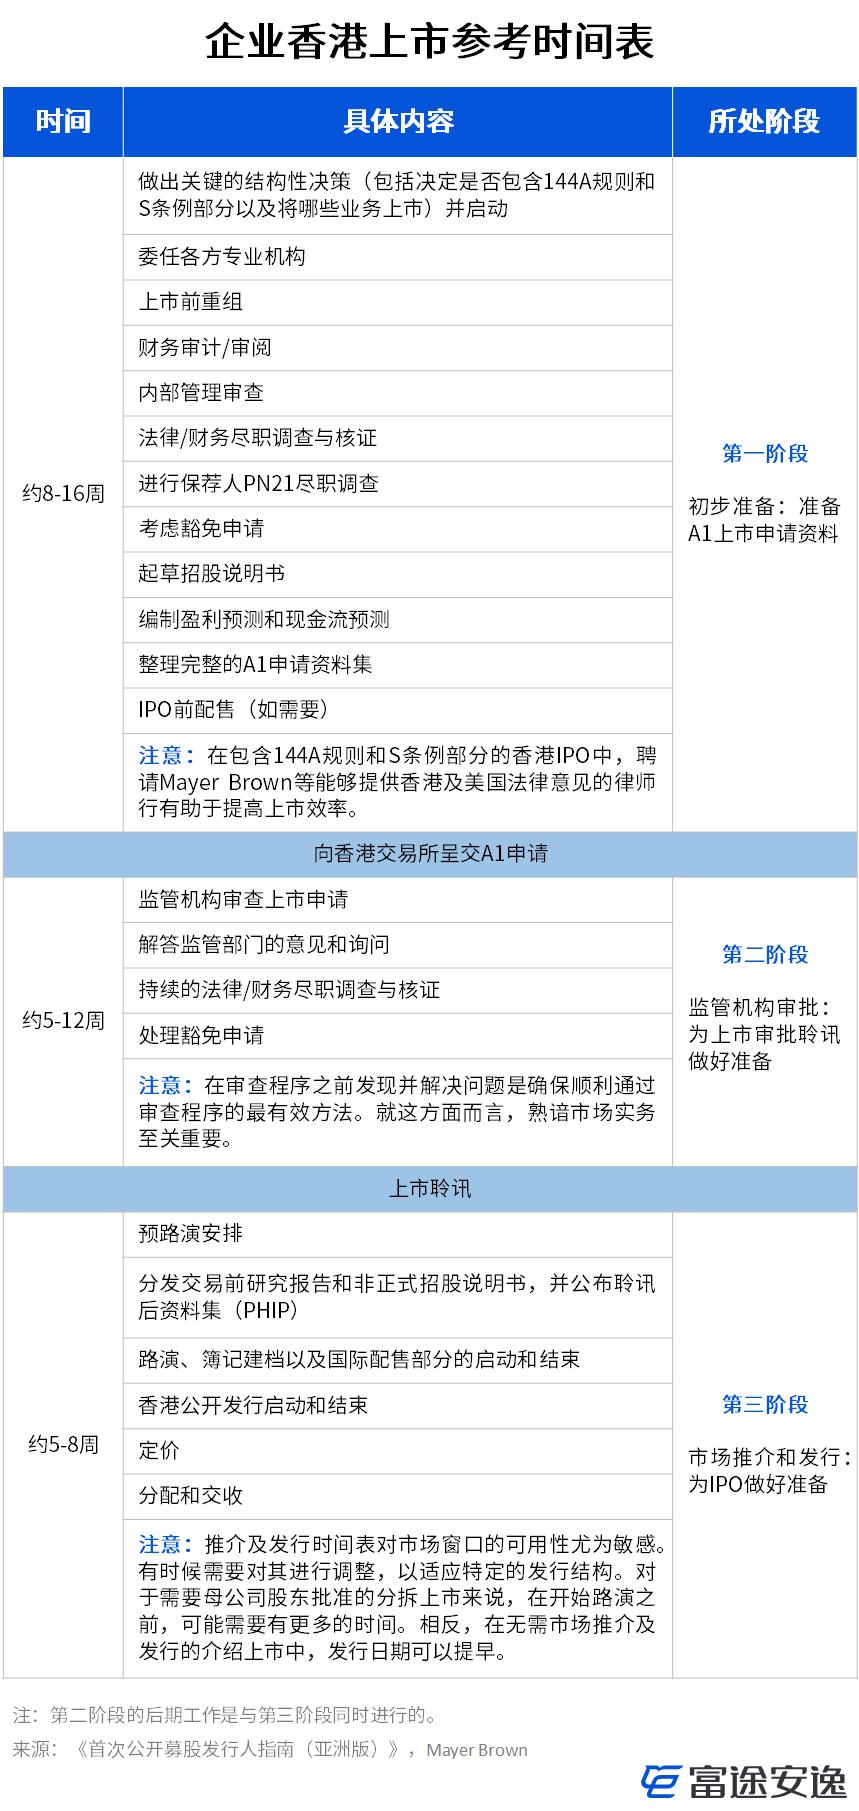 香港IPO,什么角色挑大梁?无「基石投资」,照样百倍认购